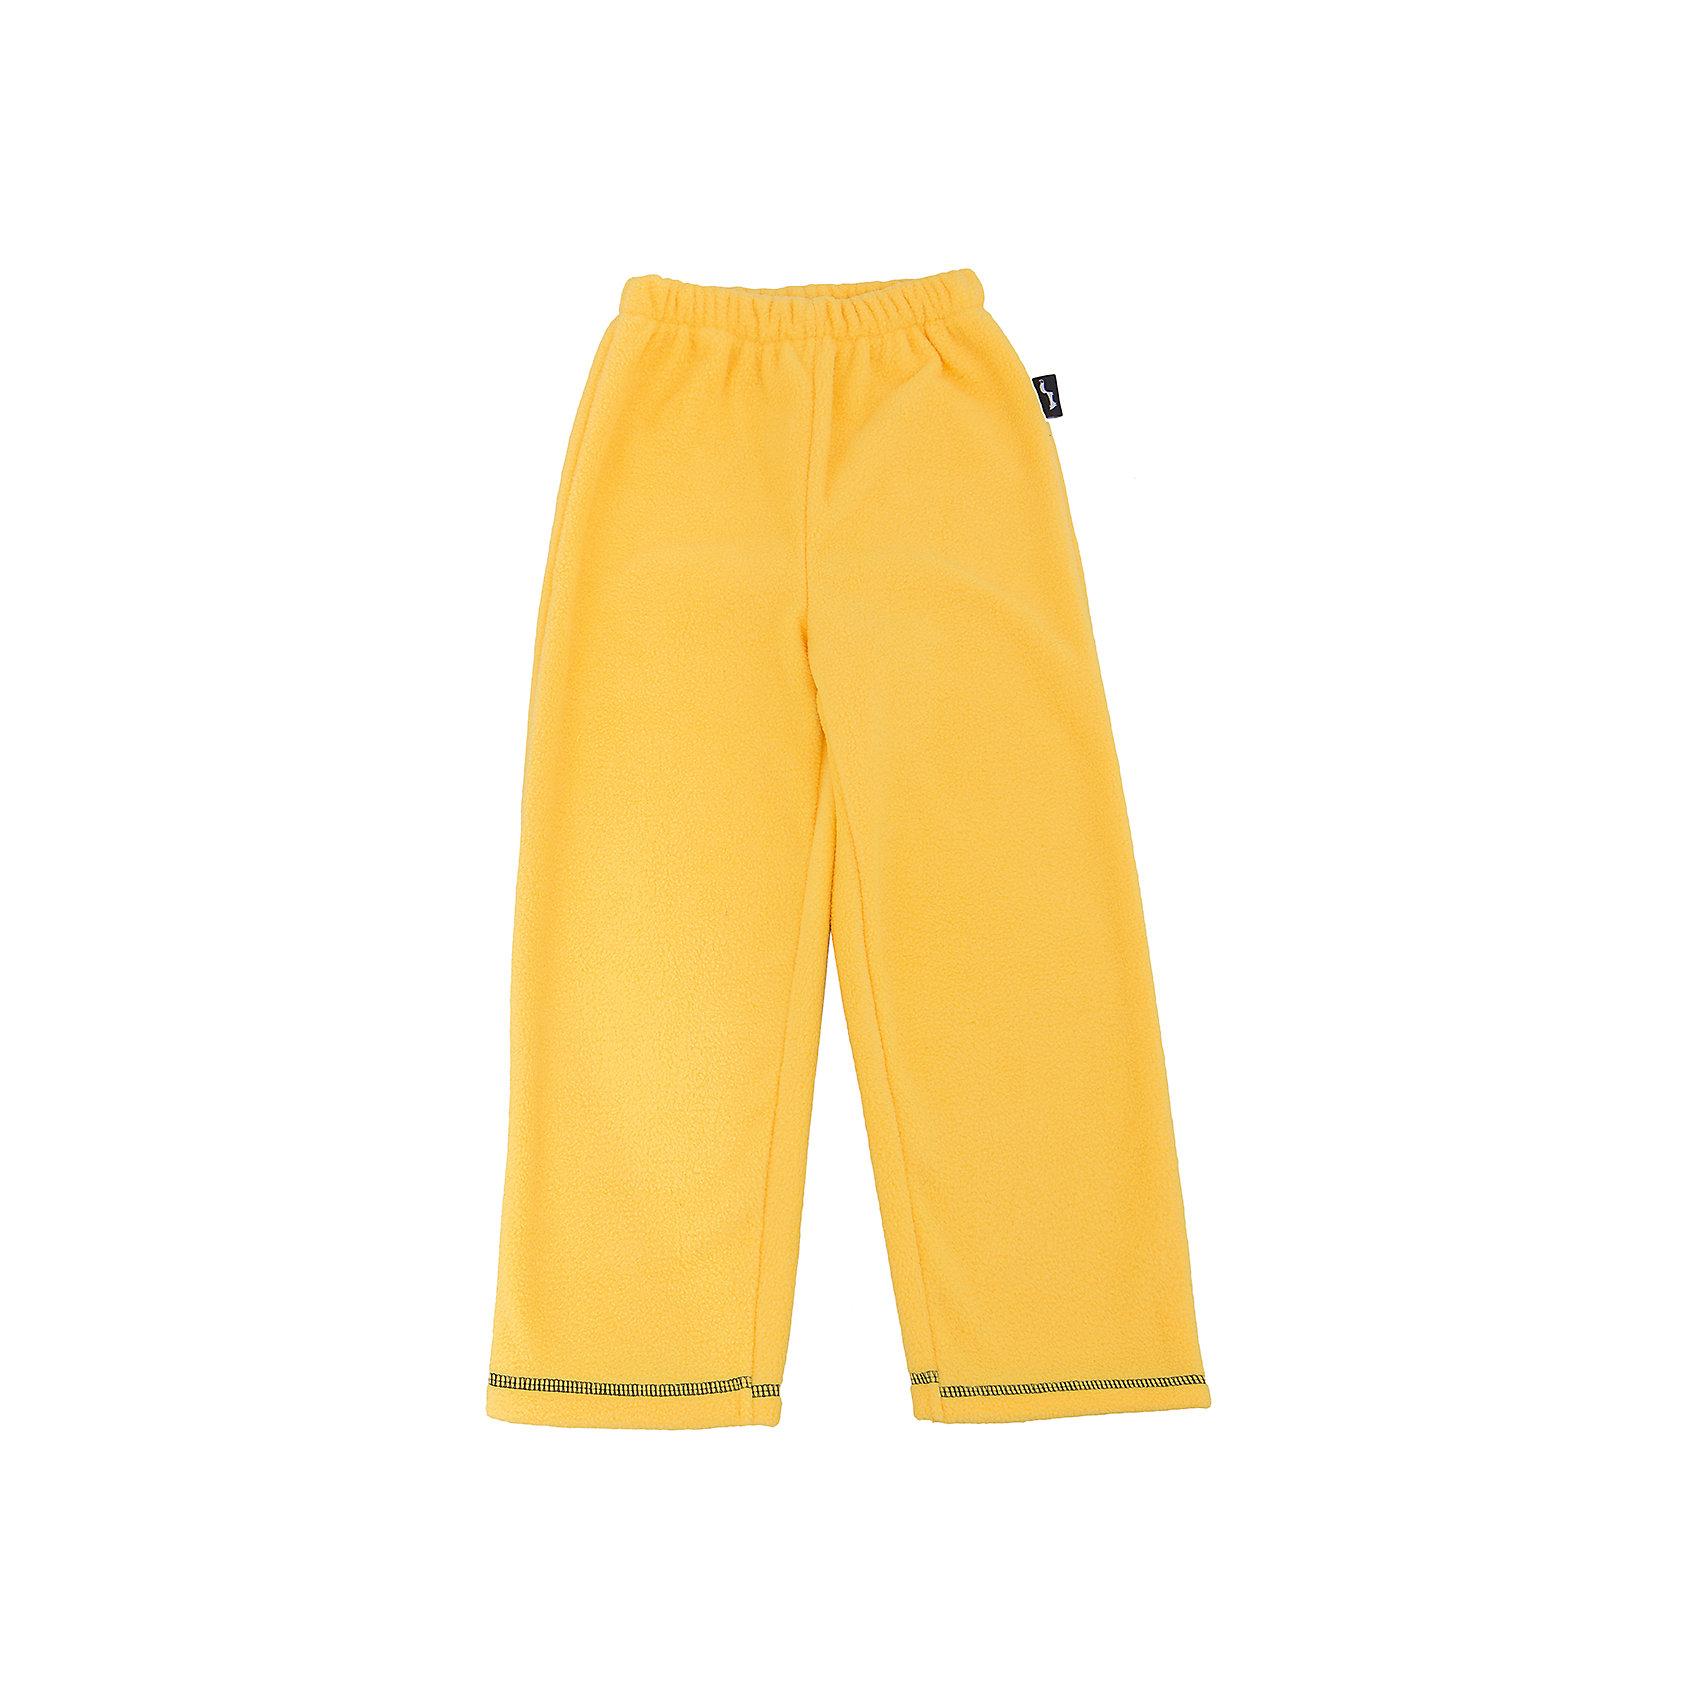 Штаны Радуга ЛисФлисФлис и термобелье<br>Характеристики штанов: <br><br>- комплектация: штаны<br>- пол: для мальчика, для девочки<br>- цвет: желтый<br>- вид застежки: без застежки; резинка<br>- крой брючин: прямой<br>- тип посадки: средняя посадка<br>- фактура материала: флис<br>- уход за вещами: предварительная стирка<br>- рисунок: без рисунка<br>- плотность: синтетического утеплителя<br>- утеплитель: без утепления<br>- назначение: повседневная<br>- характеристика пух/перо: fill power<br>- сезон: круглогодичный<br>- страна бренда: Россия<br>- страна производитель: Россия<br><br>Штаны Радуга торговой марки ЛисФлис будут отличным приобретение для Вашего ребенка, благодаря богатству цветов выбора и доступной цене! В штанах Радуга удобно, комфортно и тепло в любое время года.<br><br>Штаны для мальчика торговой марки ЛисФлис  можно купить в нашем интернет-магазине.<br><br>Ширина мм: 215<br>Глубина мм: 88<br>Высота мм: 191<br>Вес г: 336<br>Цвет: желтый<br>Возраст от месяцев: 12<br>Возраст до месяцев: 15<br>Пол: Унисекс<br>Возраст: Детский<br>Размер: 80,146,86,92,98,104,110,116,122,128,134,140<br>SKU: 4939202